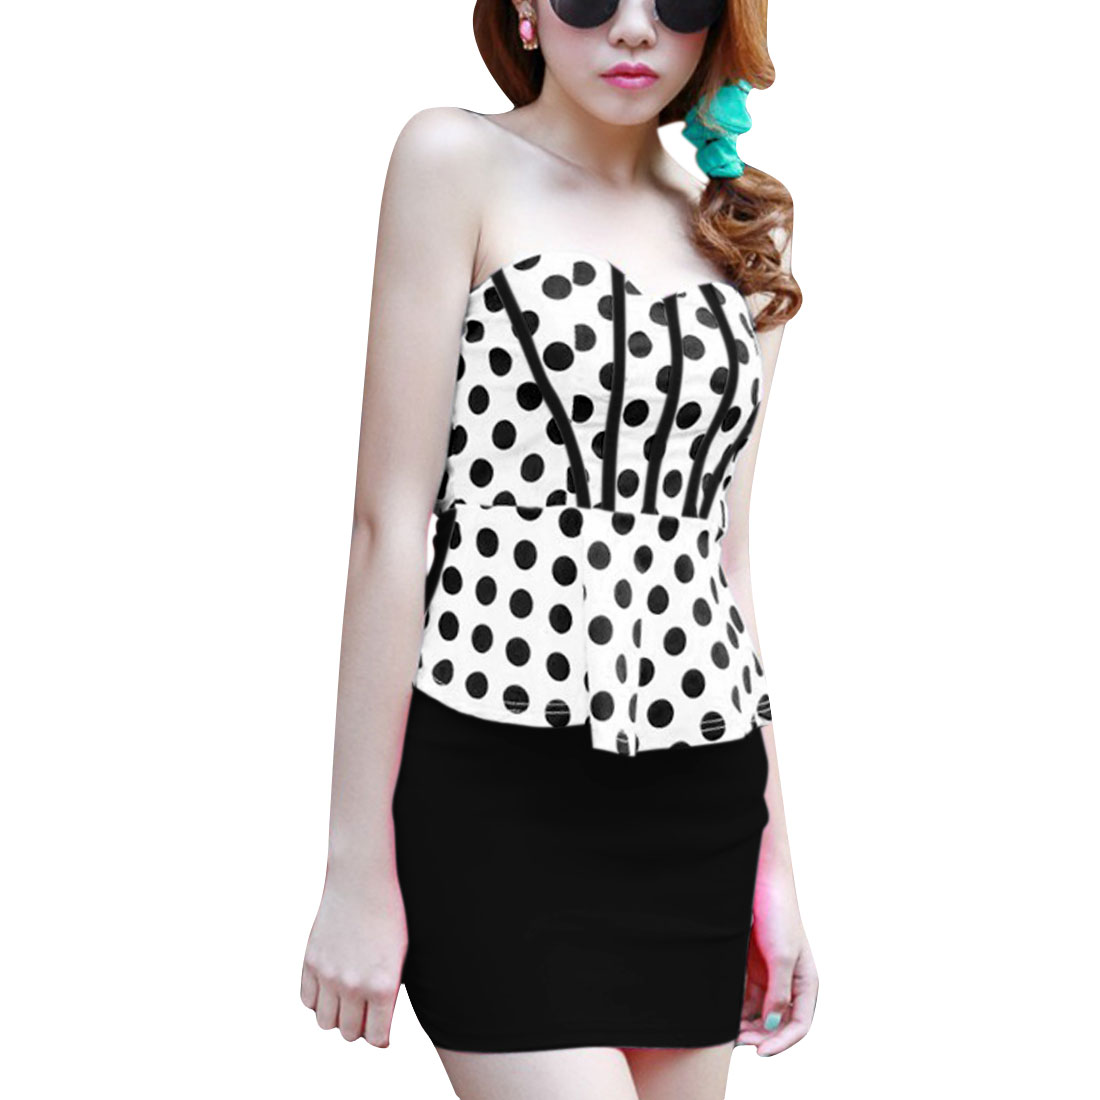 Women Off Shoulder Dots Pattern Sheath Dress Black White XS